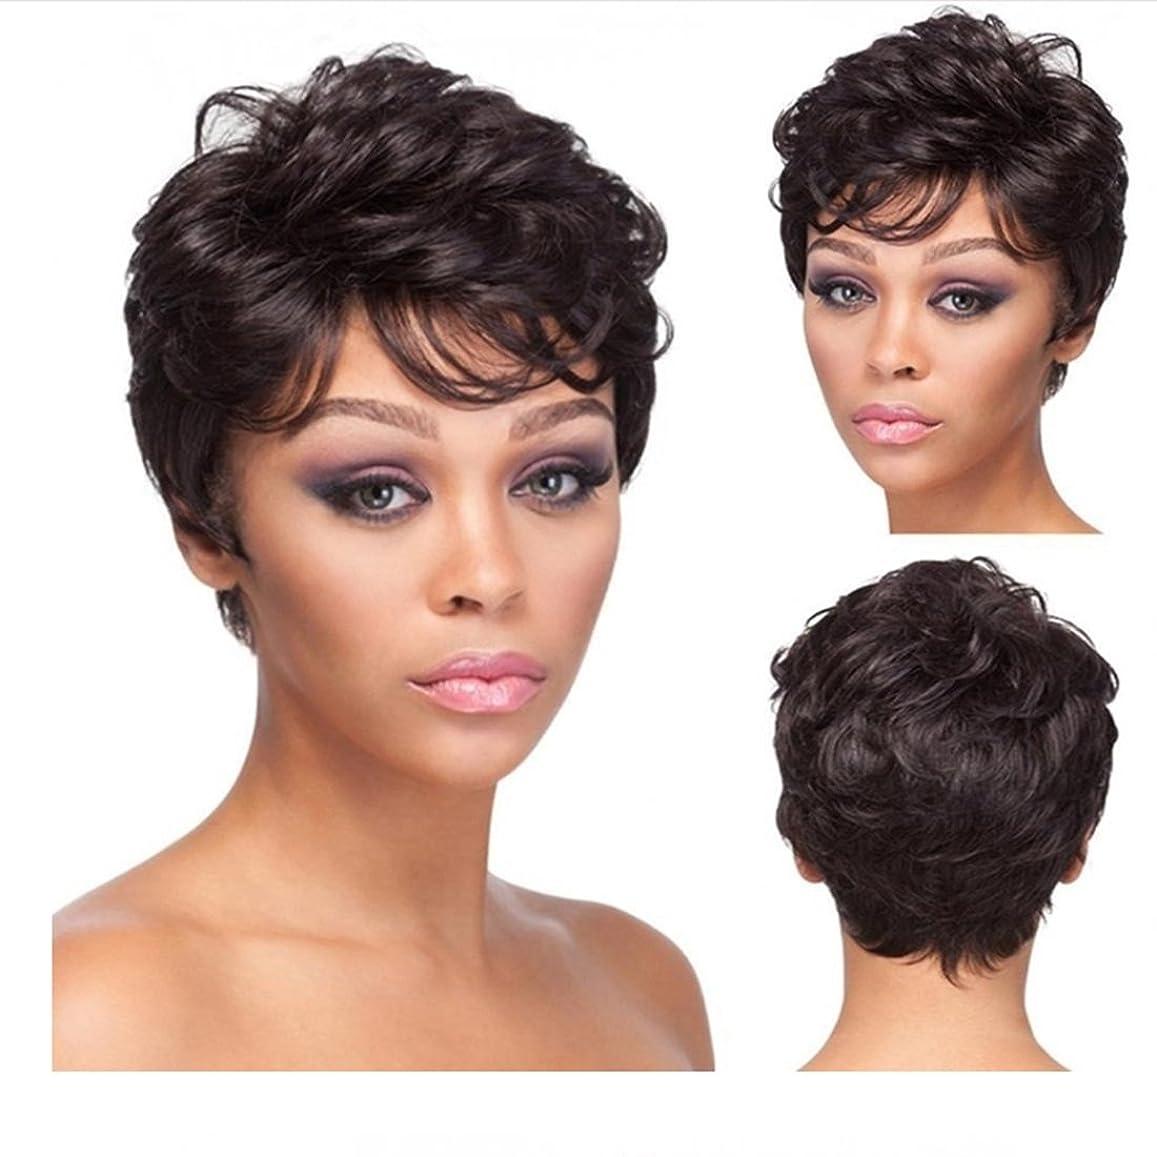 厚いかび臭い故意のDoyvanntgo 女性のための現実的なかつら短くふわふわしたマイクロボリュームのウィッグ斜めのバグスとの日常のかつらのための髪の耐熱ウィッグ20cm / 160g(茶色の黒) (Color : Brownish black)